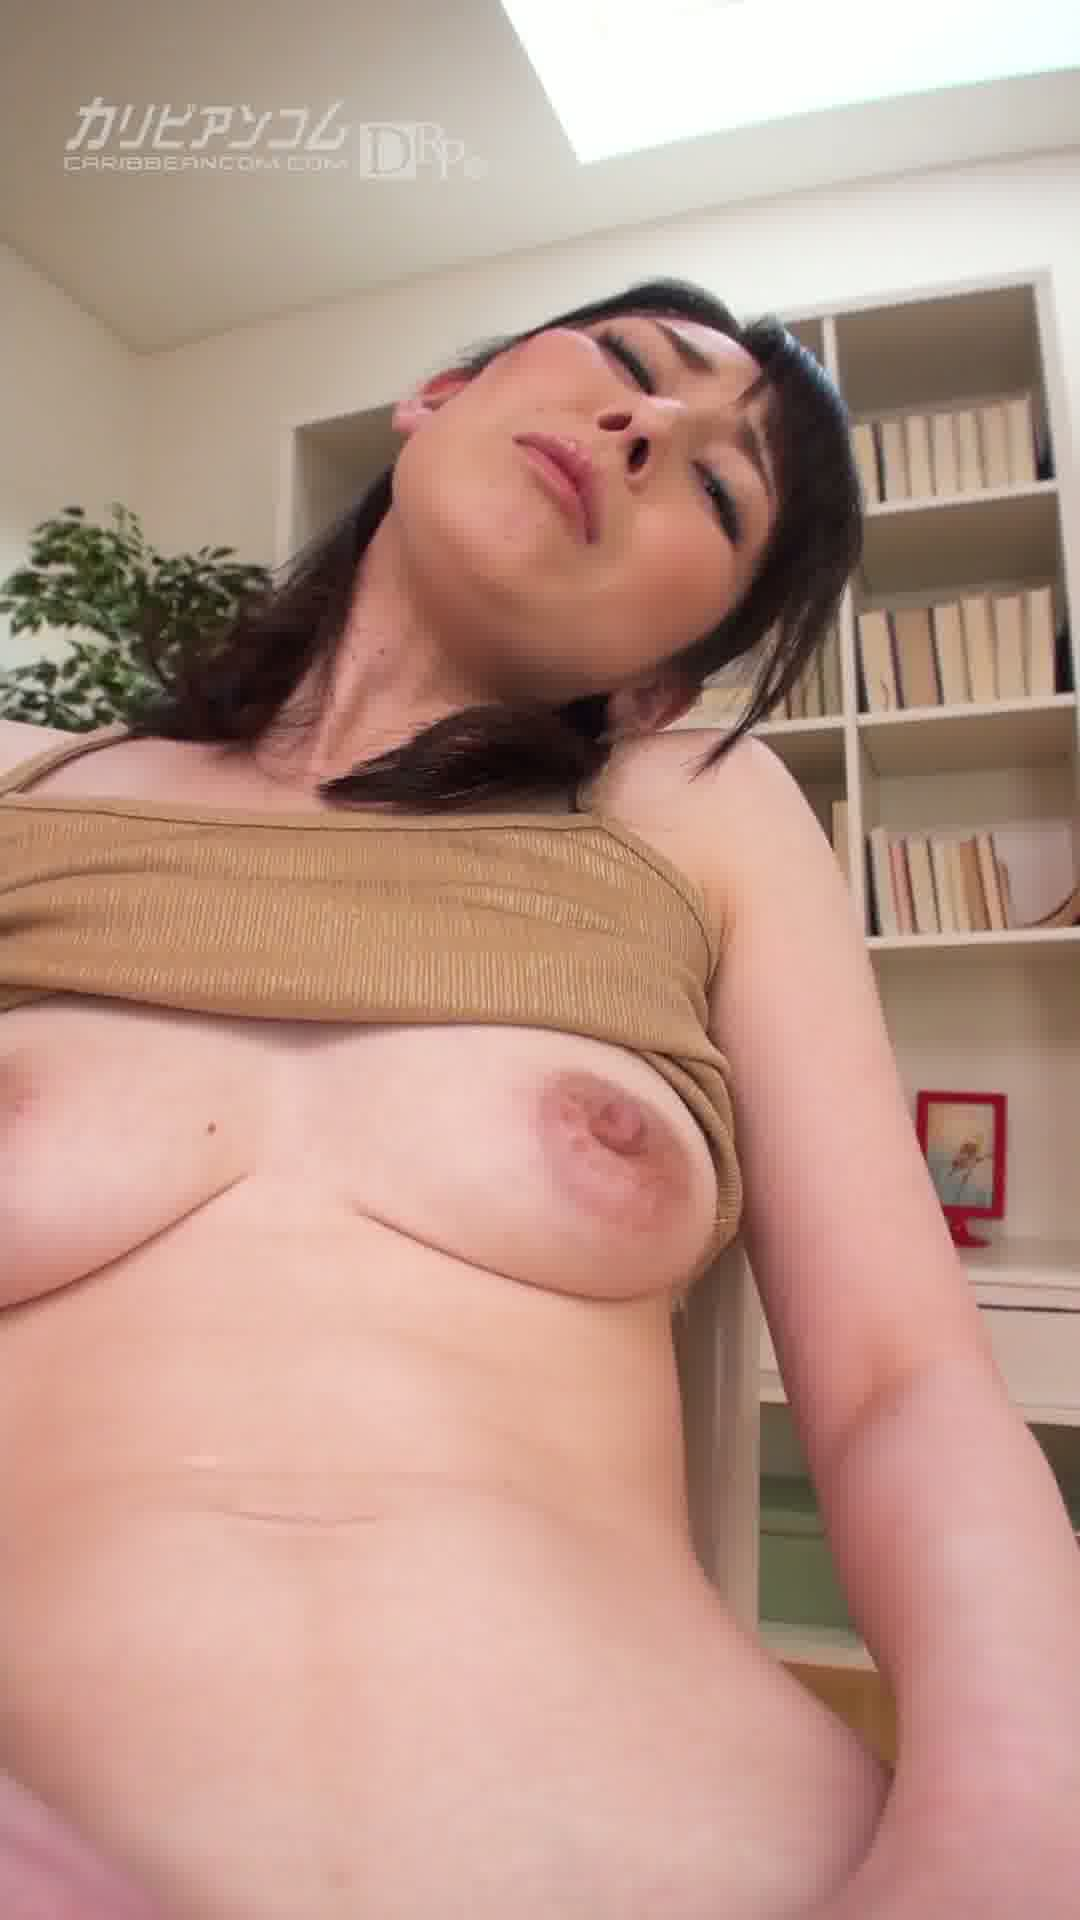 縦型動画 005 ~大人のオマンコを見せてあげるね~ - 臼井さと美【美乳・オナニー・美尻】